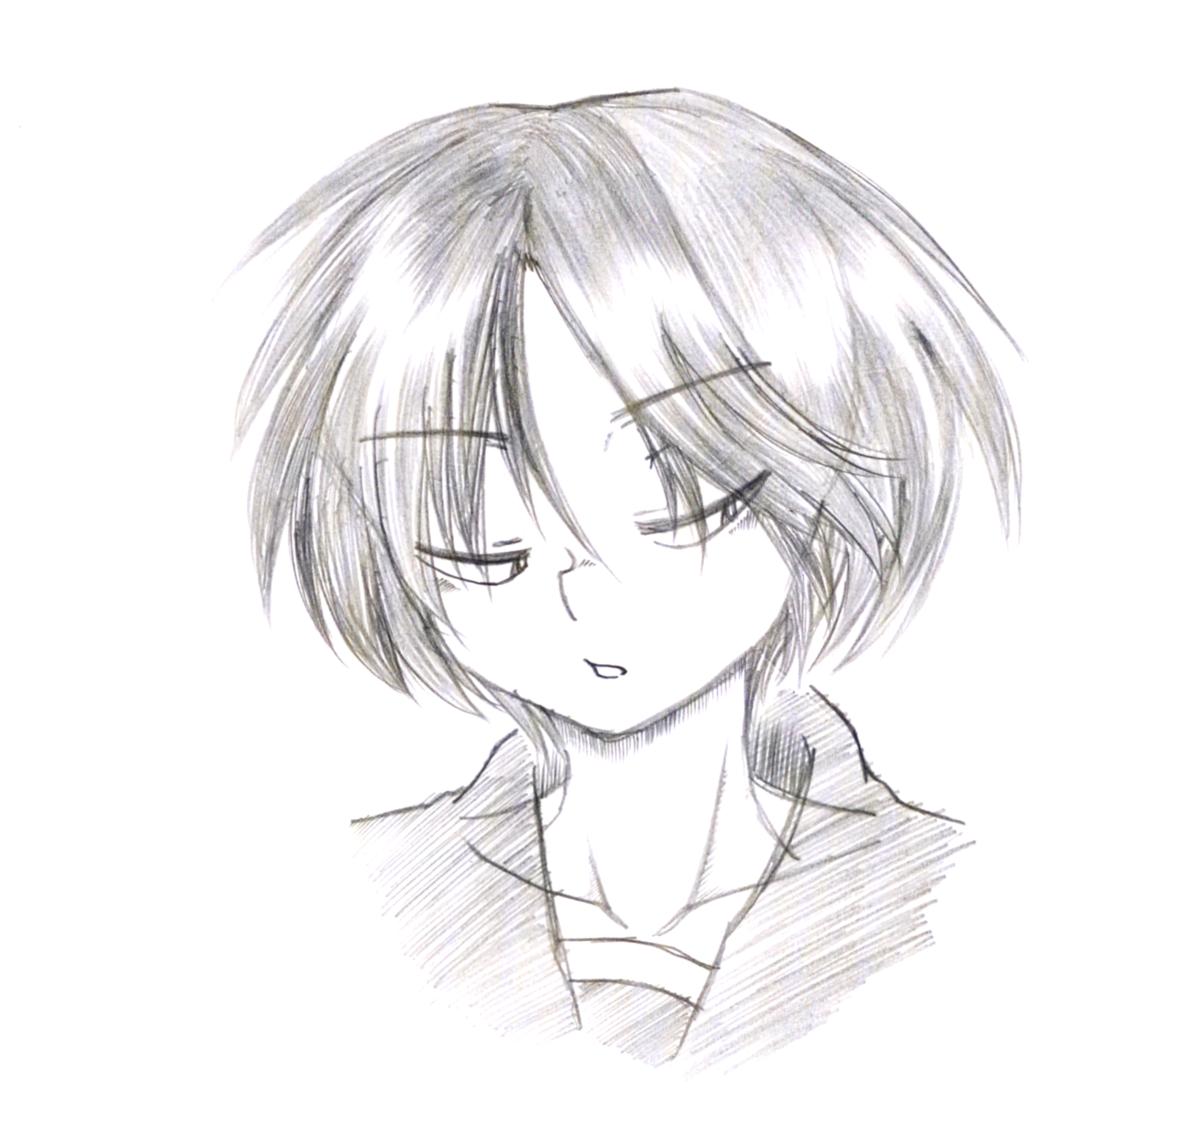 f:id:yatamaru0131:20191122004819p:plain